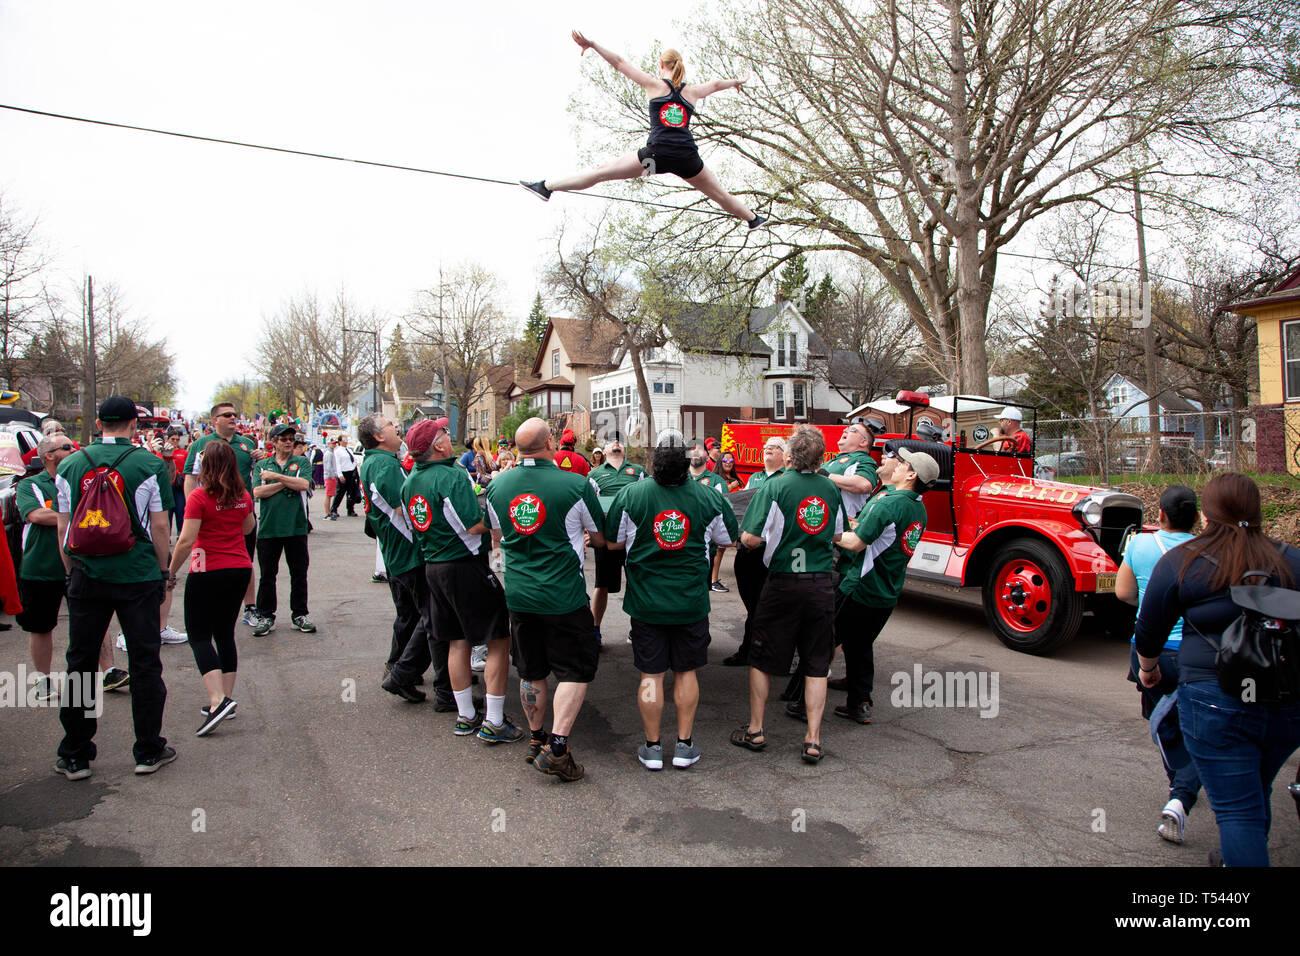 St. Paul Bouncing Team mit Frau in der Luft und Männer mit einem Trampolin im Cinco de Mayo Parade. St. Paul Minnesota MN USA Stockbild